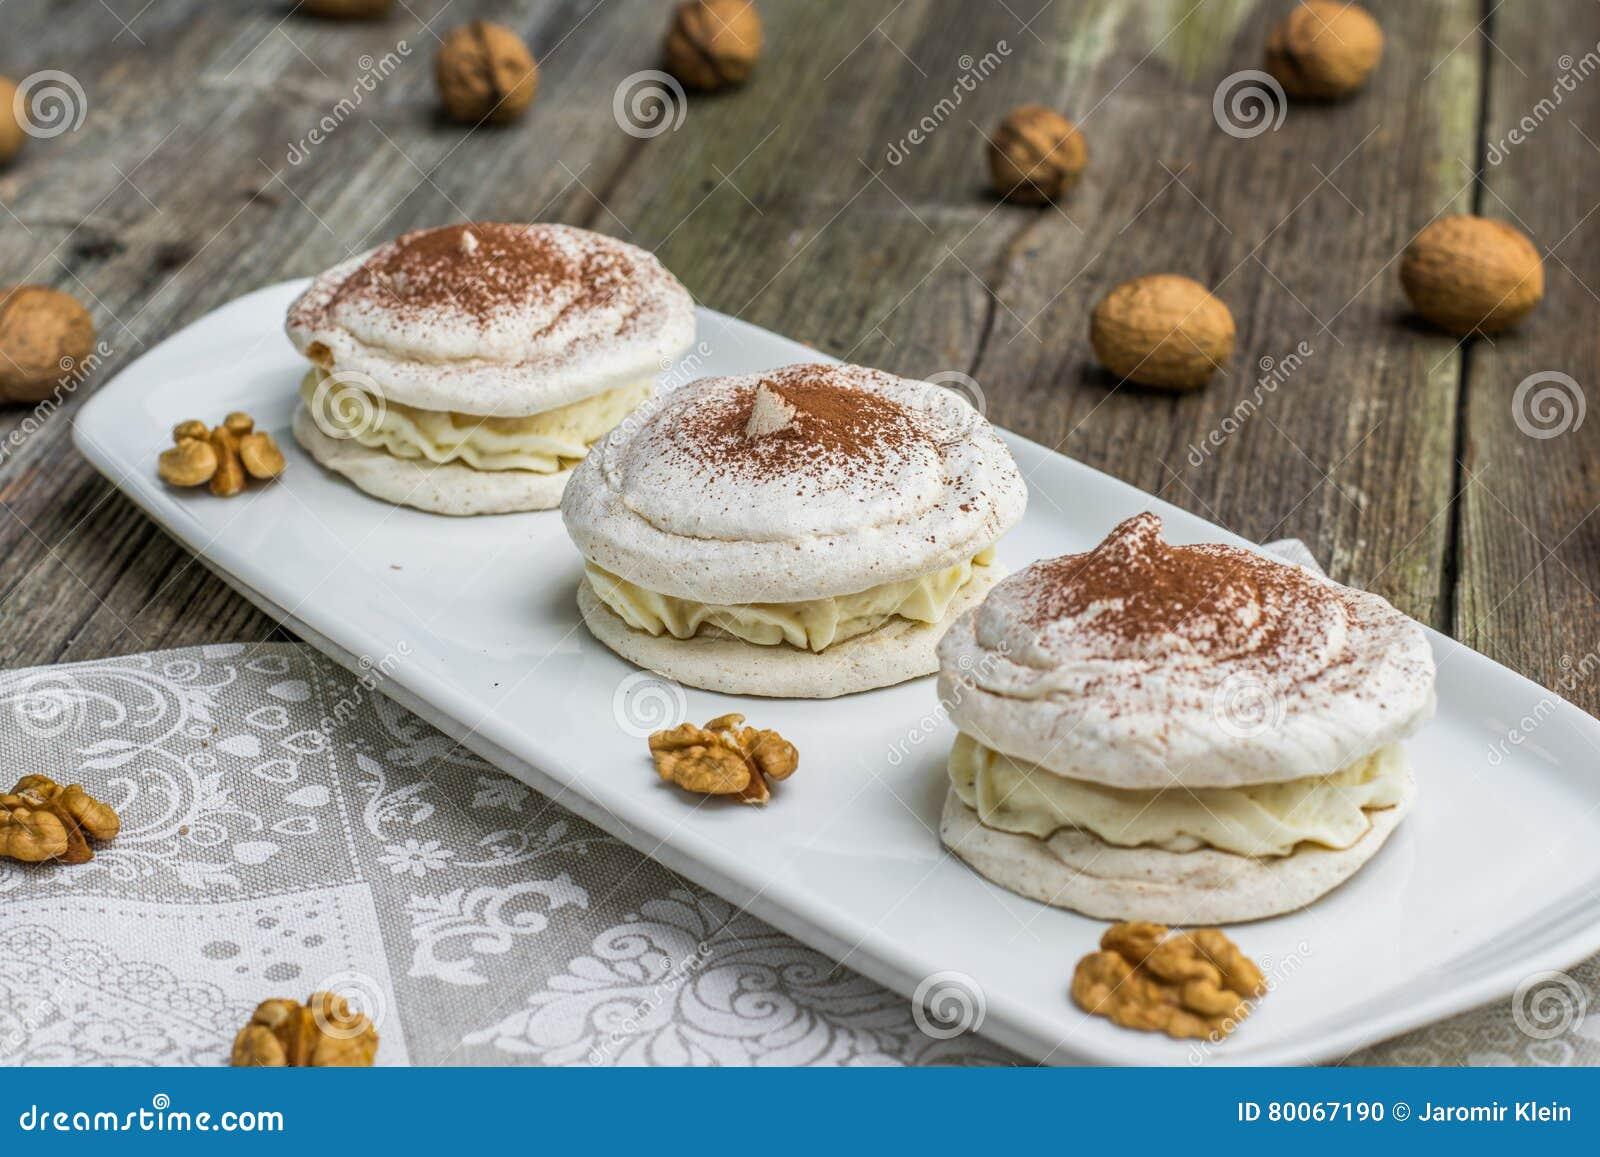 Trois meringues de noix avec du cacao avec des noix à l arrière-plan